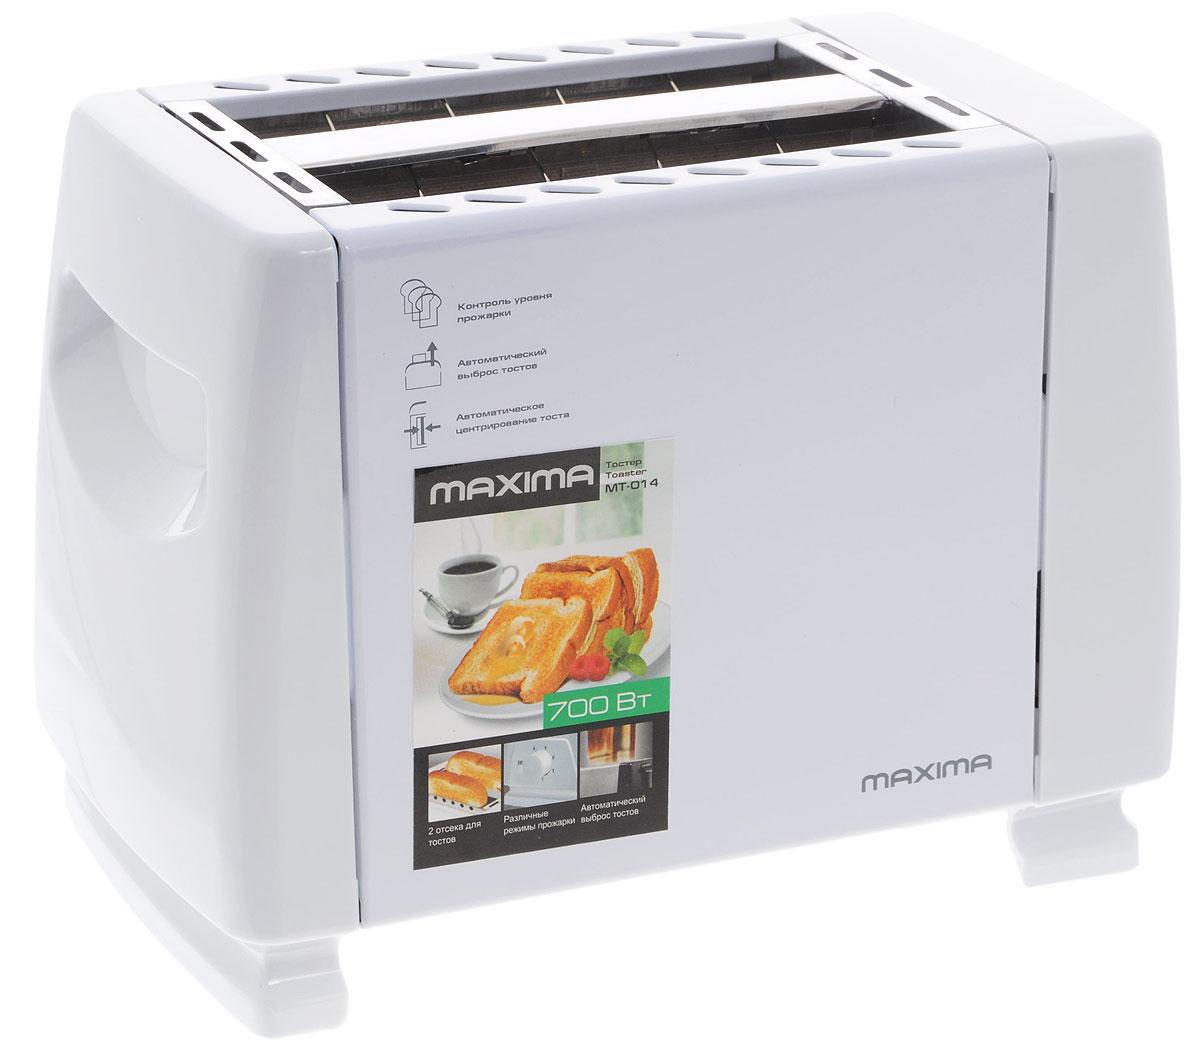 Maxima MT-014, White тостерМТ-014Maxima MT-014 - надежный и современный тостер, который оборудован двумя отделениями для хлеба и имеет семь уровней настройки поджаривания. Для удобства предусмотрен автоматический выброс.